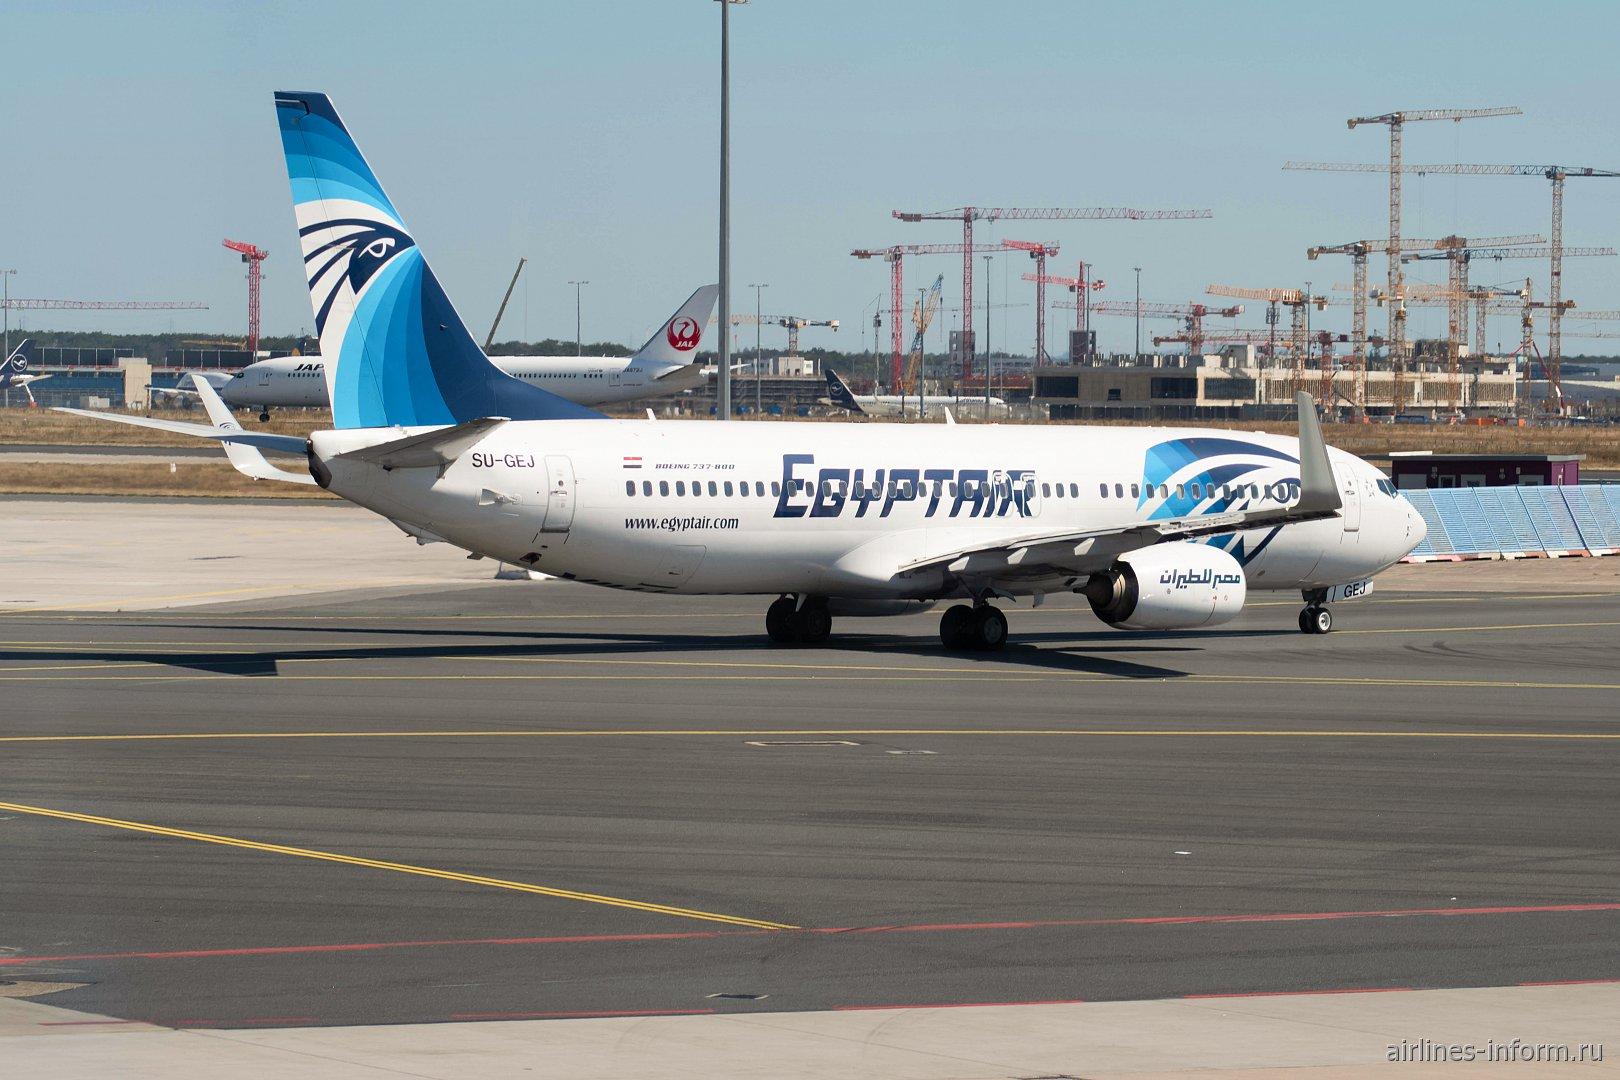 Боинг-737-800 SU-GEJ авиакомпании Egyptair в аэропорту Франкфурт